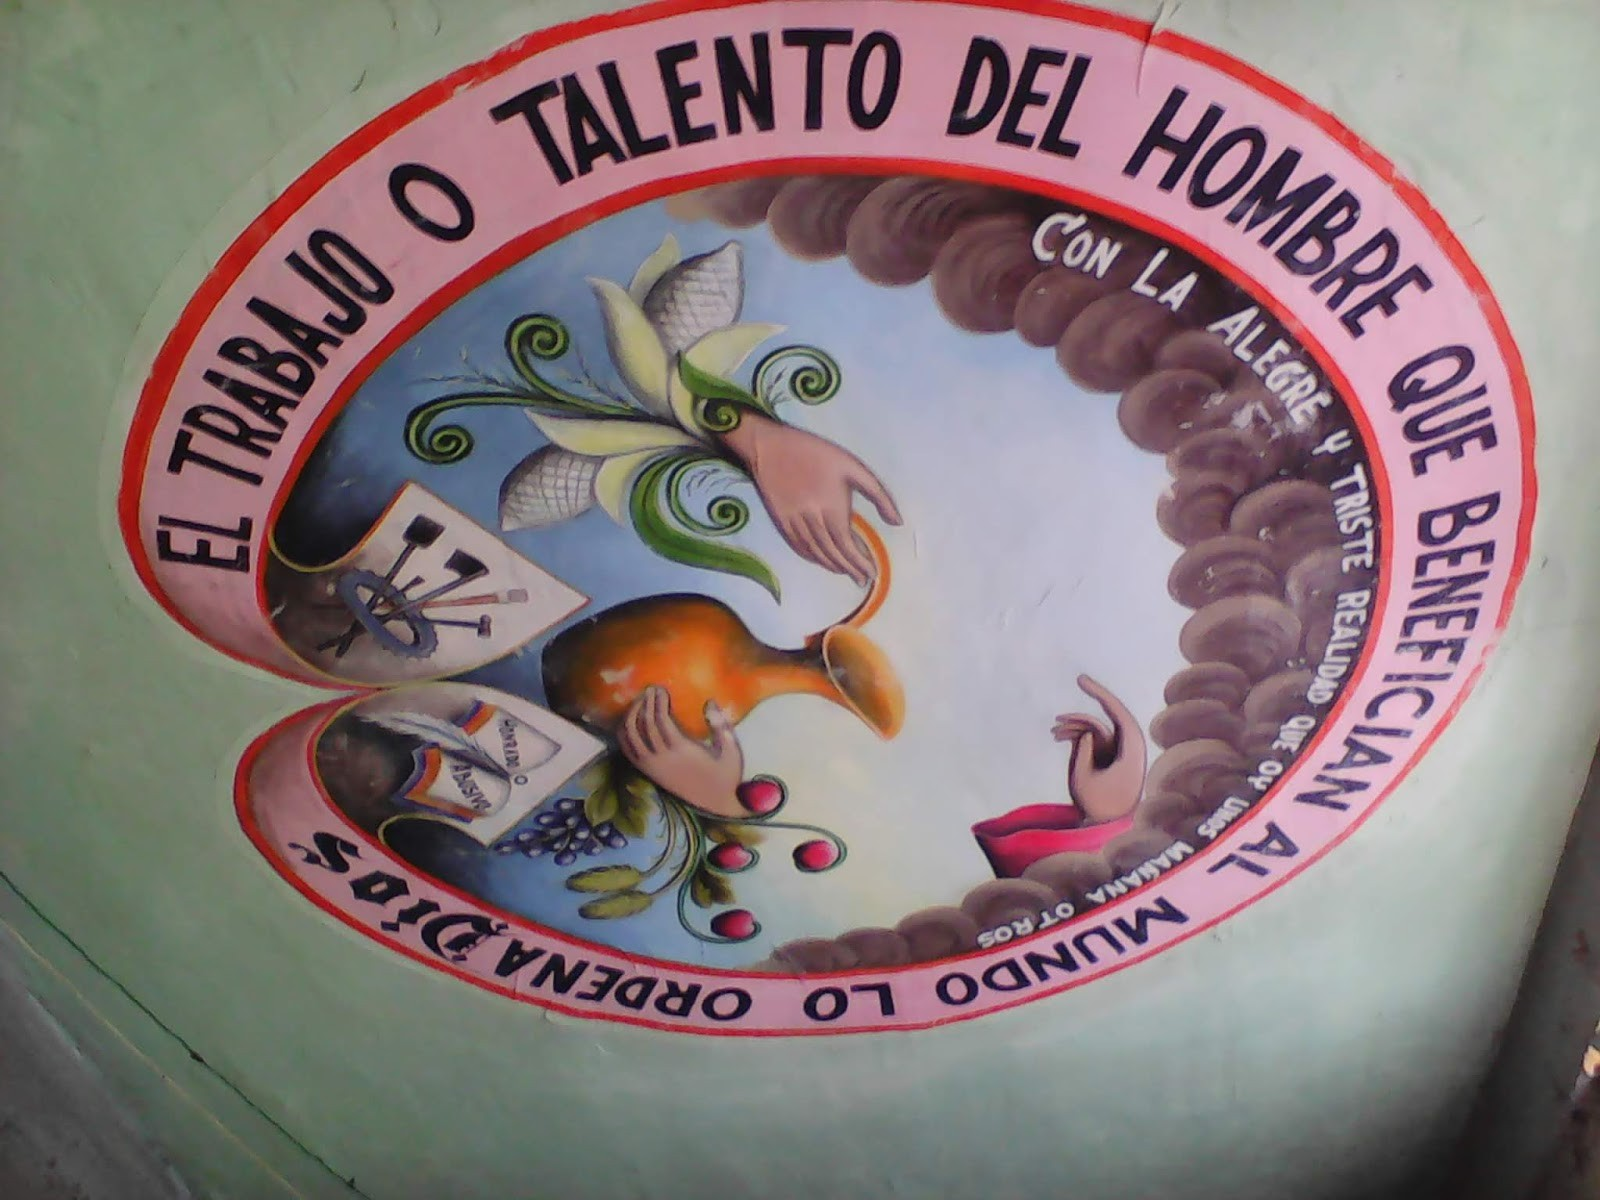 Calendario 2019 Mexico Dias Festivos Por Ley Más Actual Metepec Museo Del Pueblo Of Calendario 2019 Mexico Dias Festivos Por Ley Más Reciente Happy Planner Imprimible Gratis 2017 Dodlees